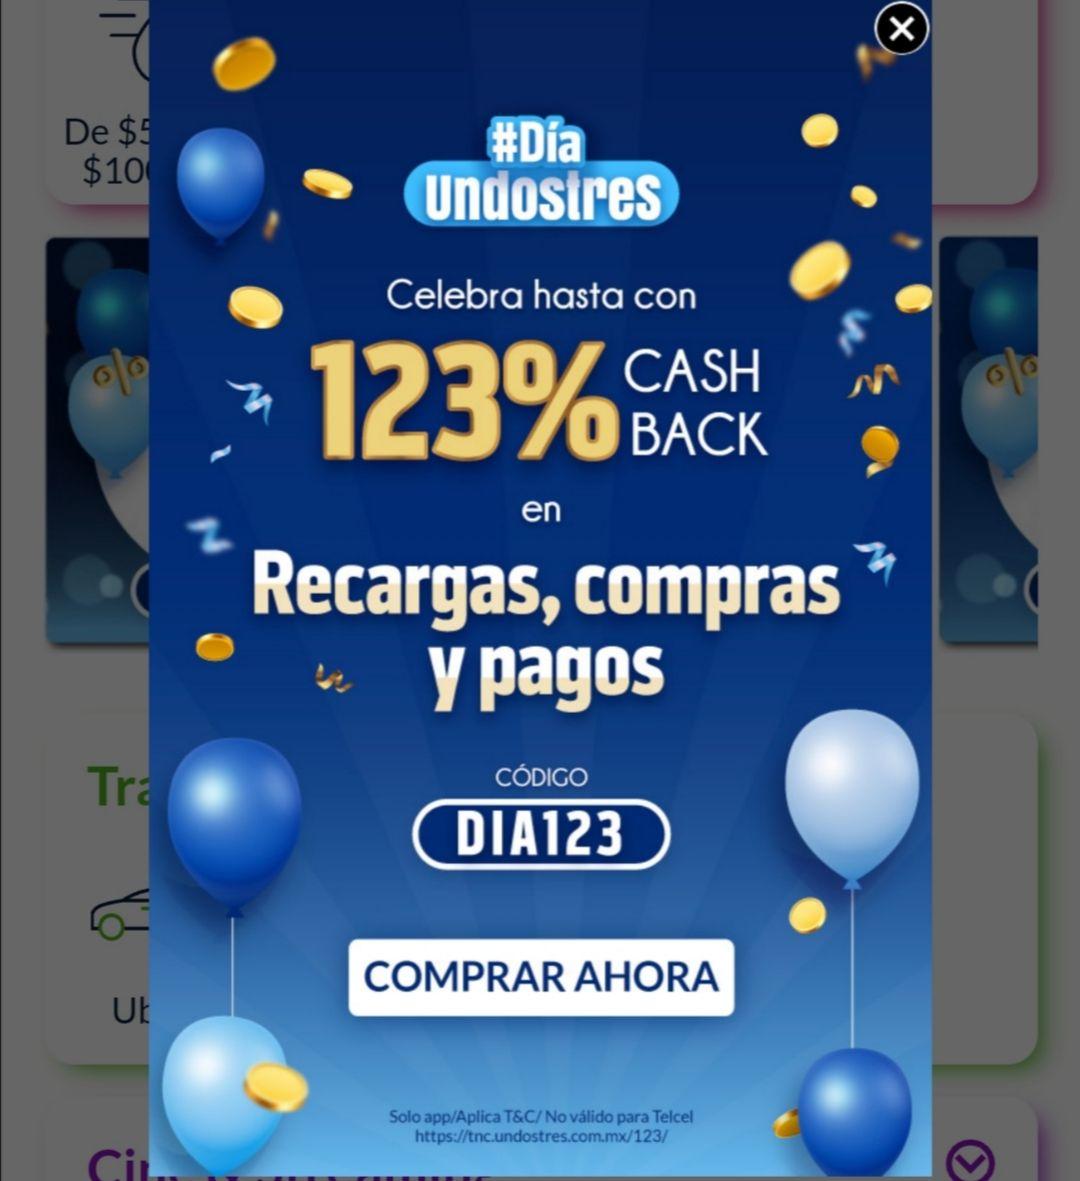 UnDosTres: Hasta 123% de cashback en recargas y pago de servicios, solo app